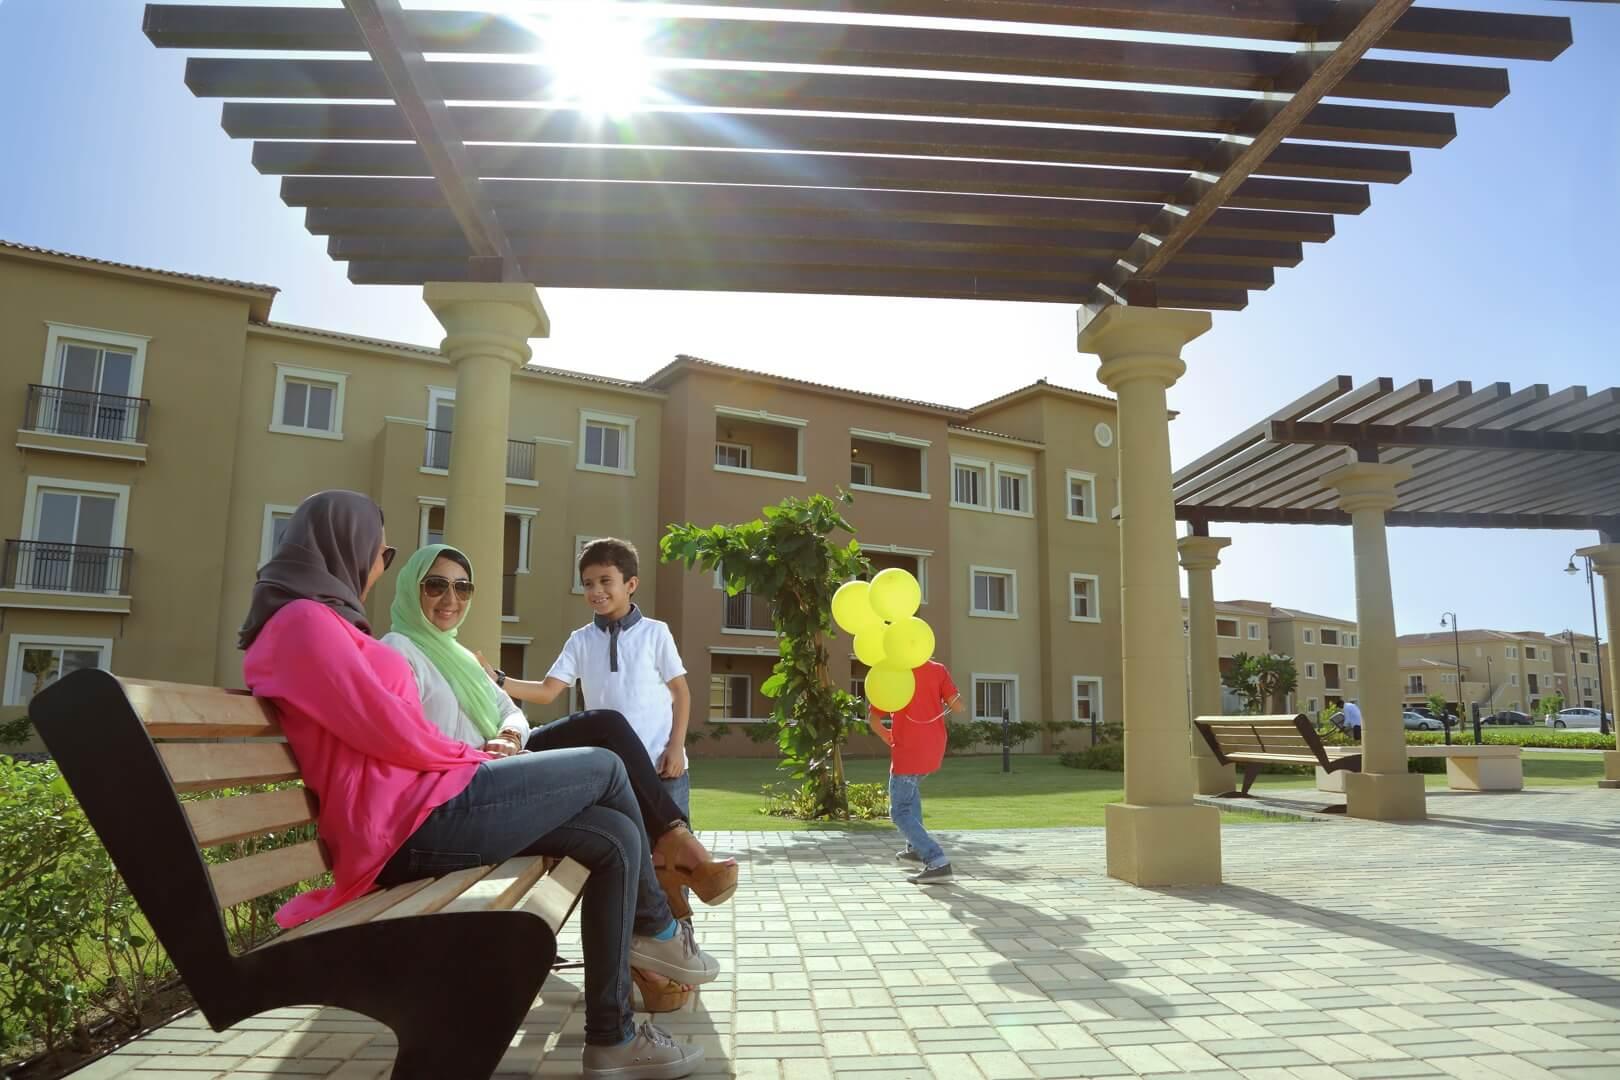 شقق الواحة - مدينة الملك عبد الله الاقتصادية